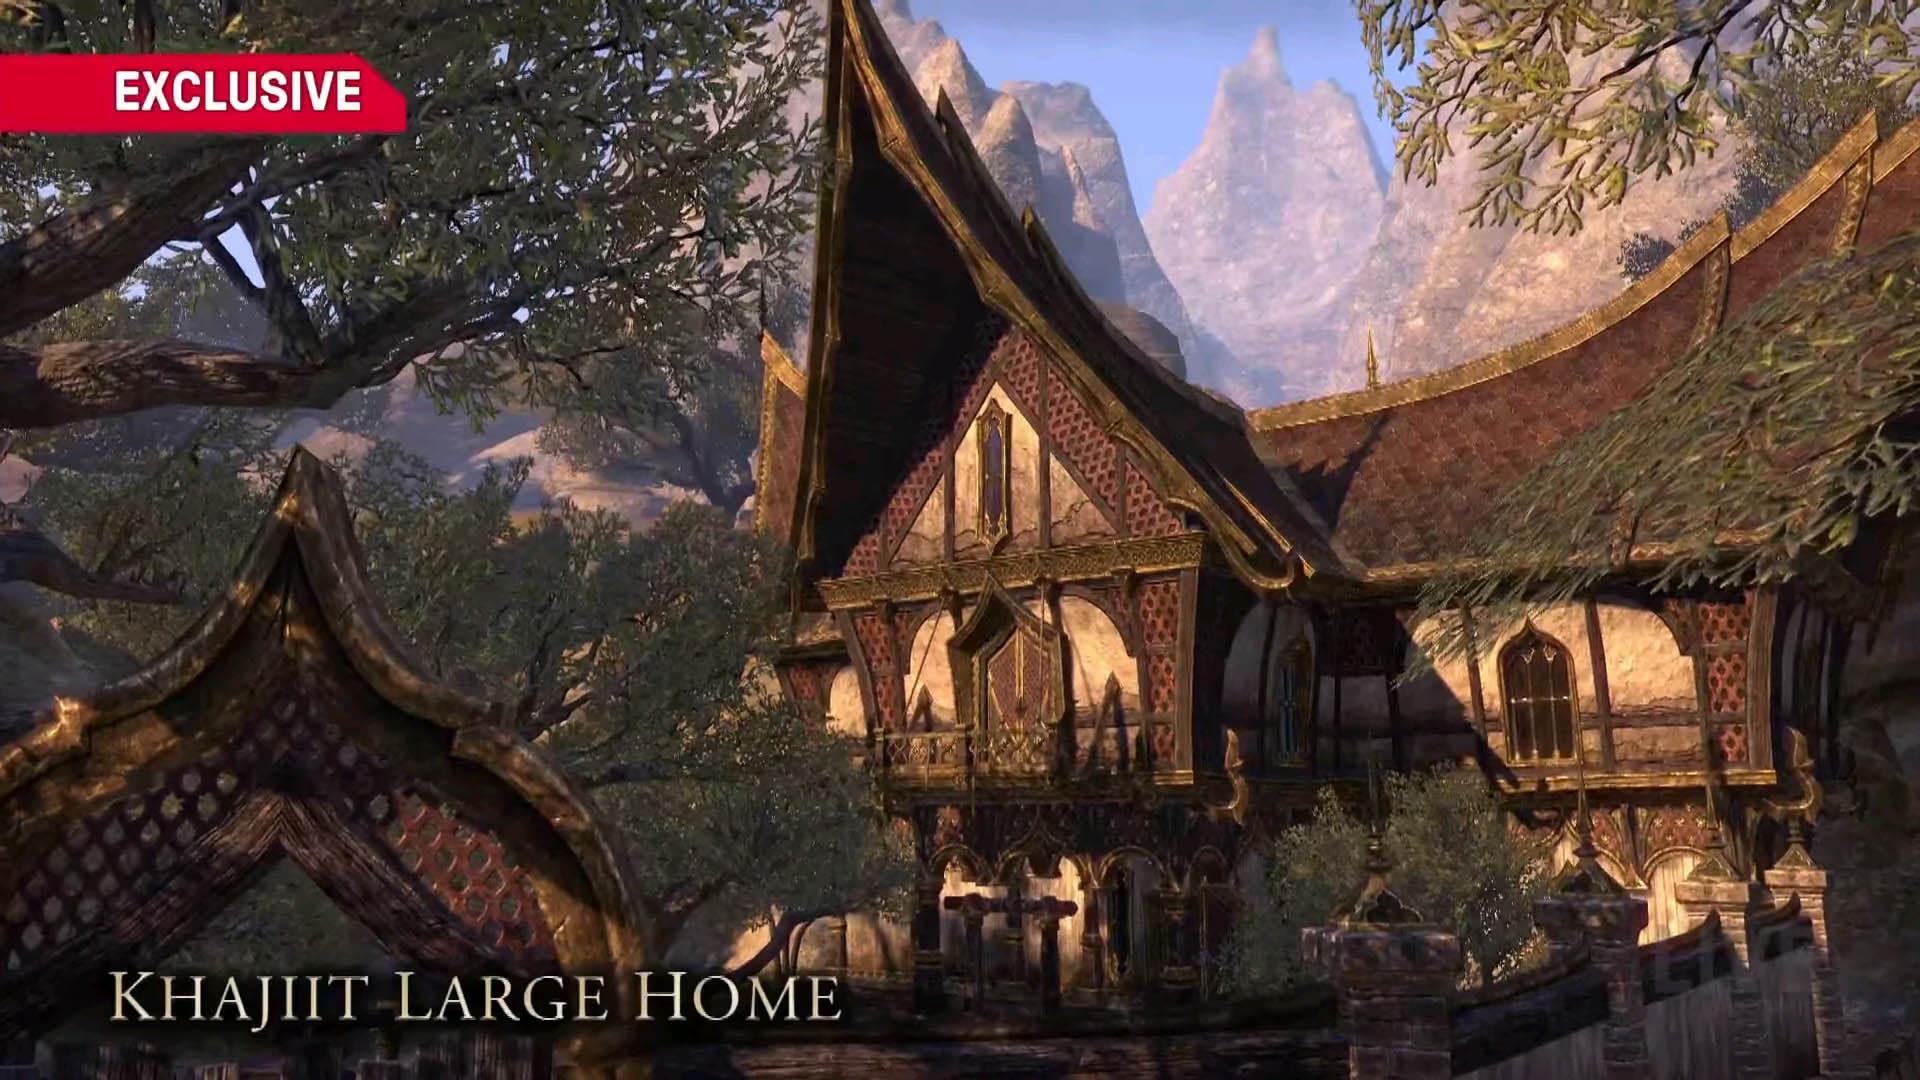 Khajiit Large Home